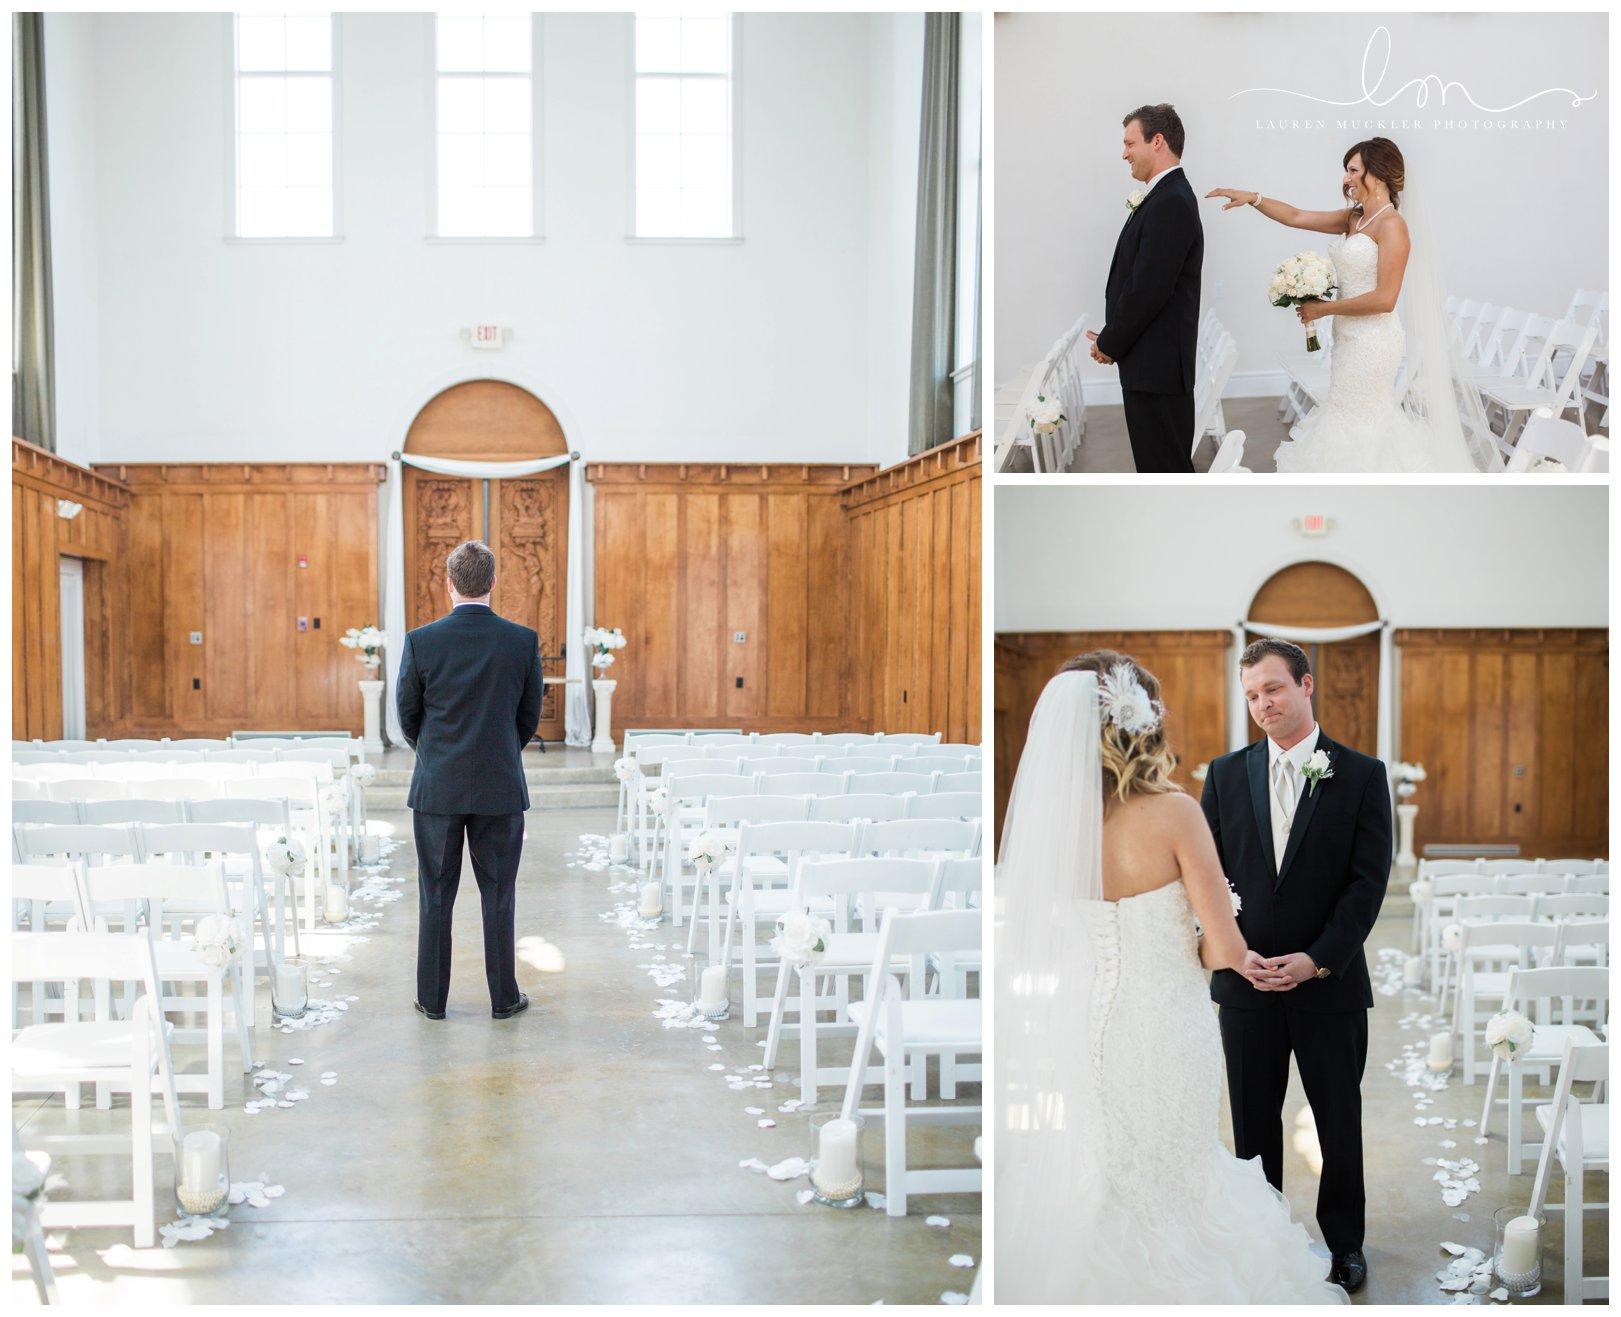 lauren muckler photography_fine art film wedding photography_st louis_photography_0462.jpg